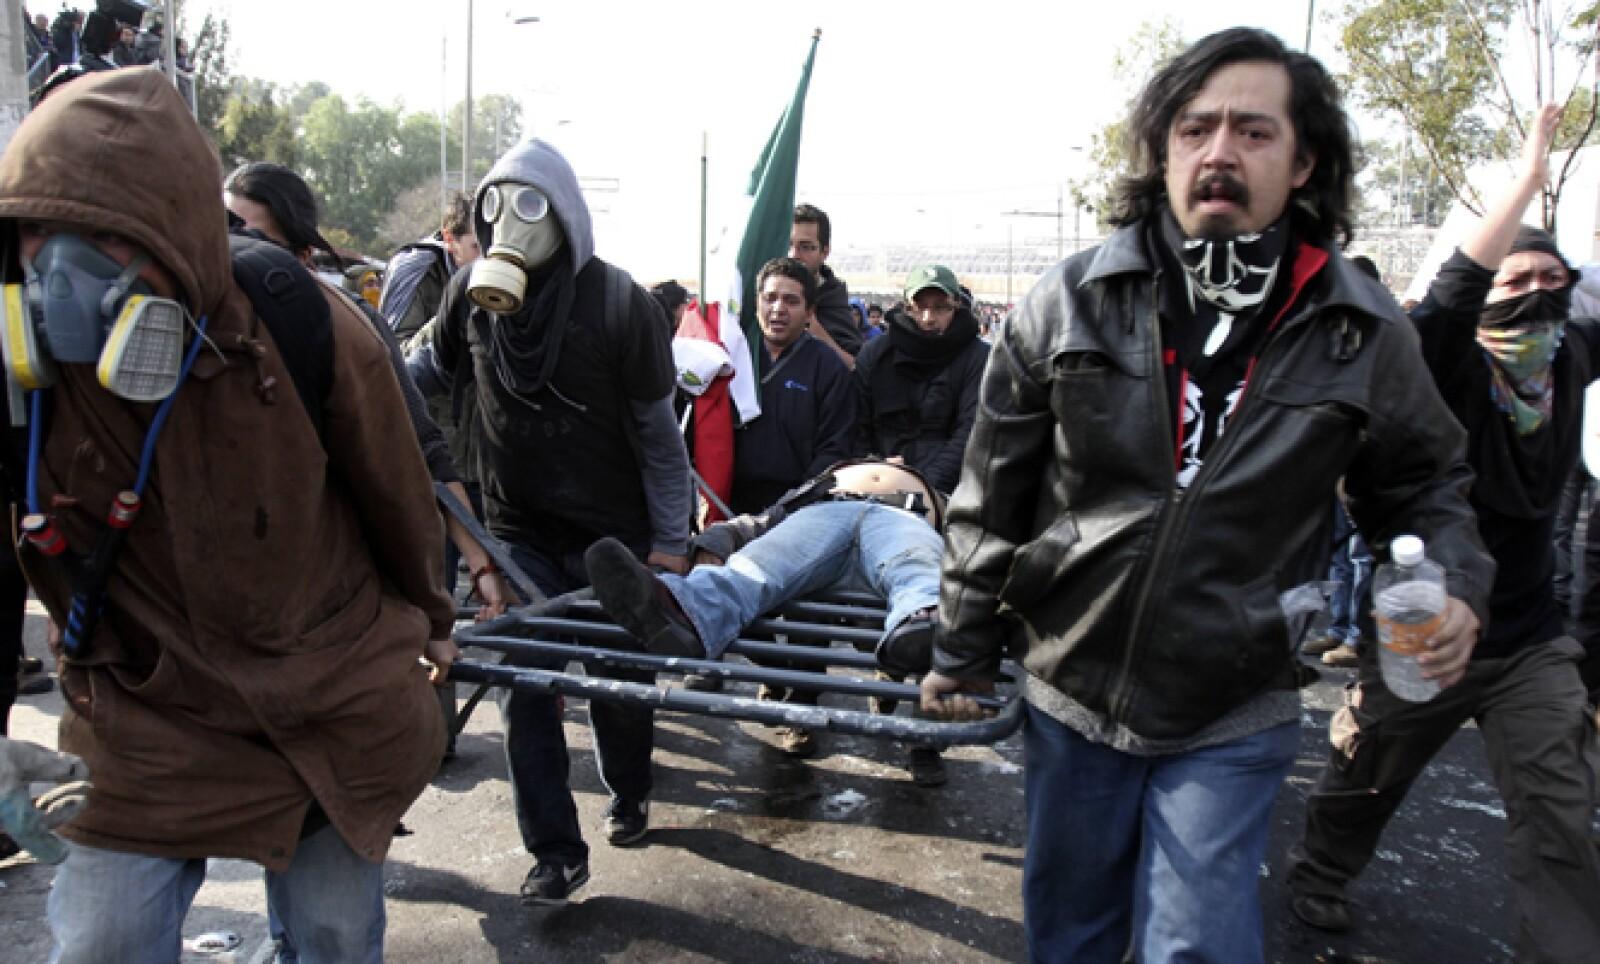 Activistas reportaron que varios de sus compañeros resultaron heridos durante las protestas afuera del recinto legislativo.